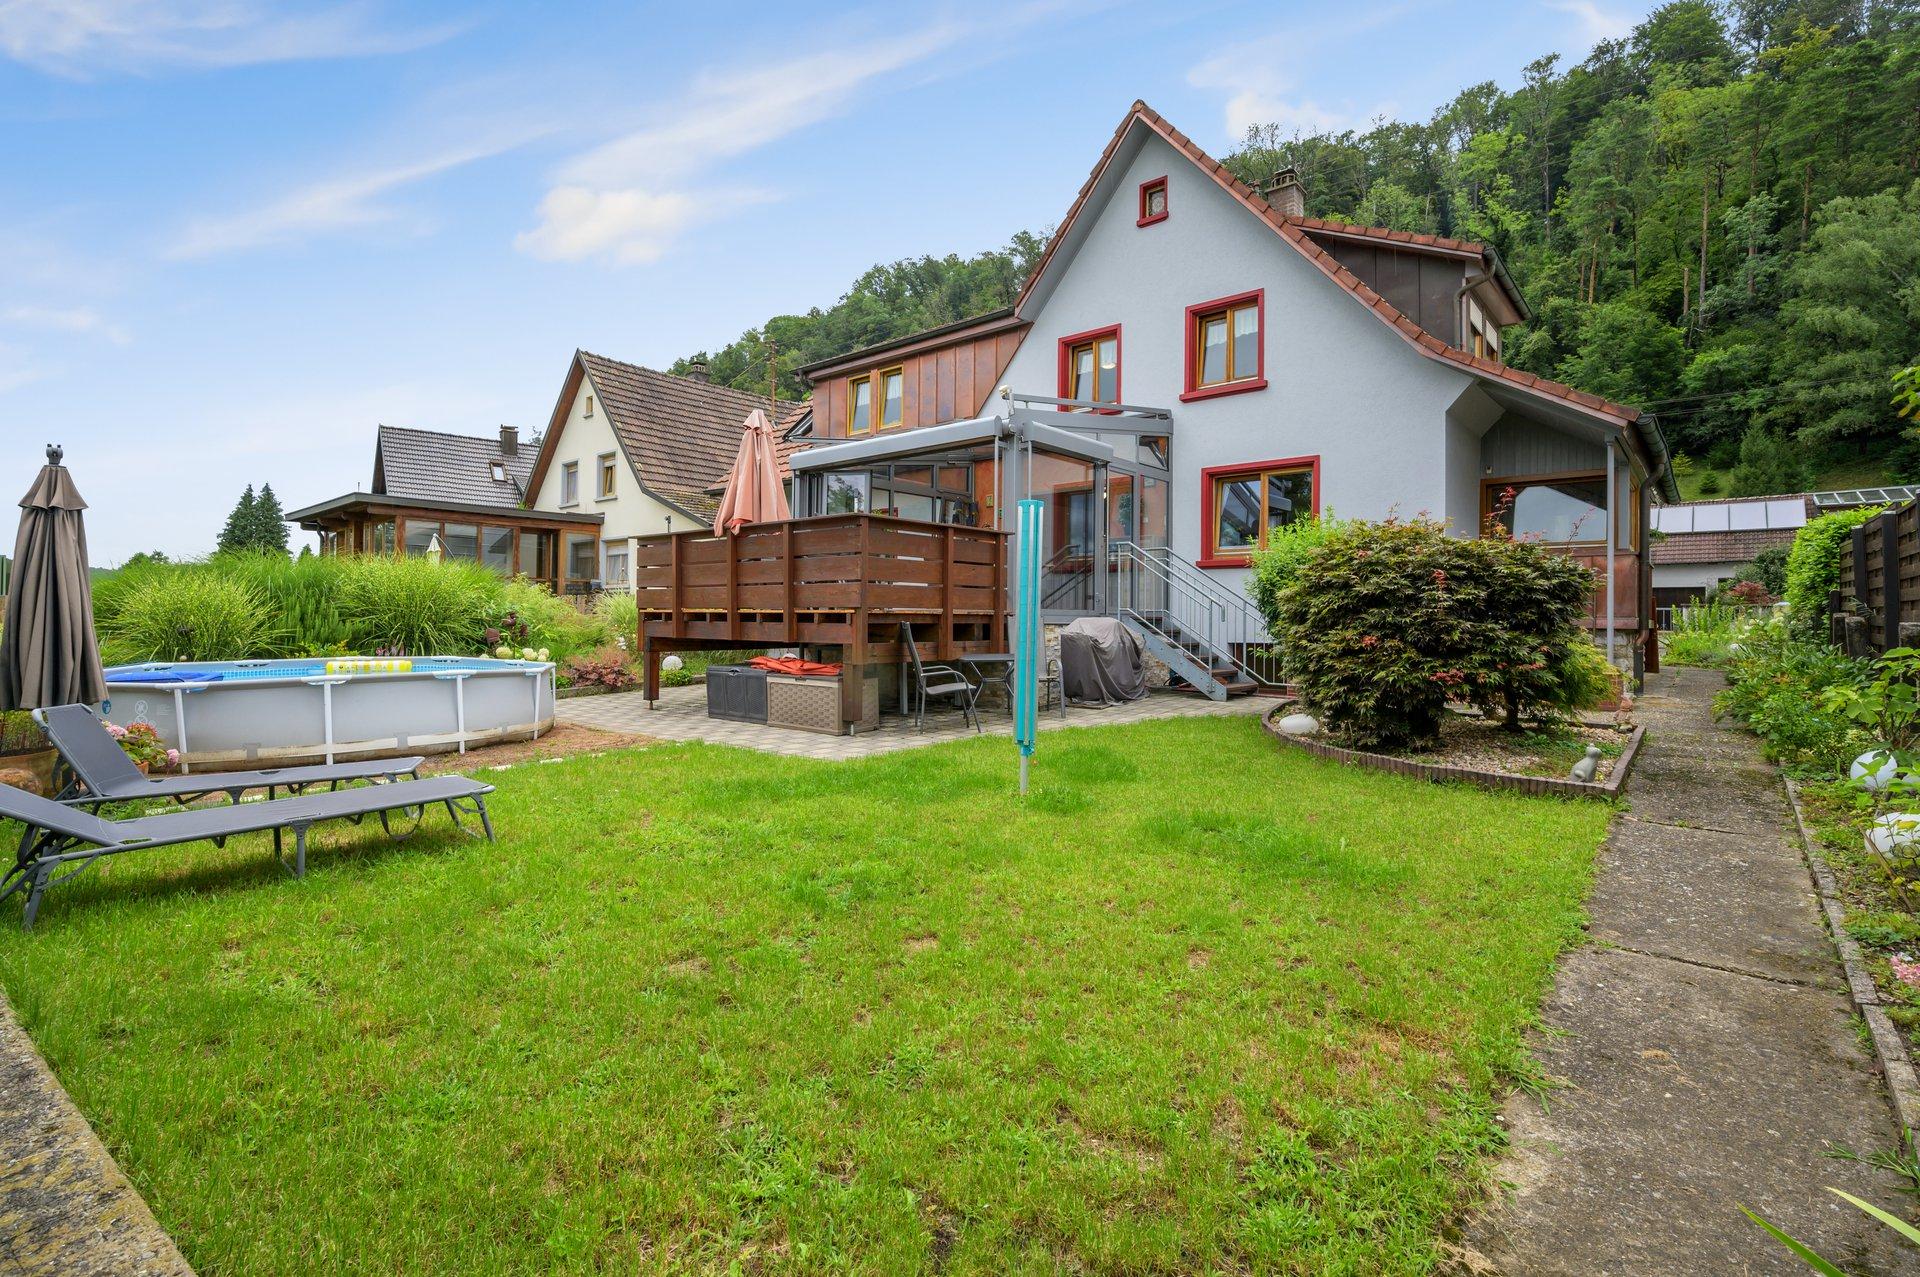 Ihr Traumhaus in Öflingen! Freistehendes Einfamilienhaus mit sep. DG-Wohnung, traumhaftem beheizten Wintergarten, barrierefreiem Bad, Balkon, Garten und Garage